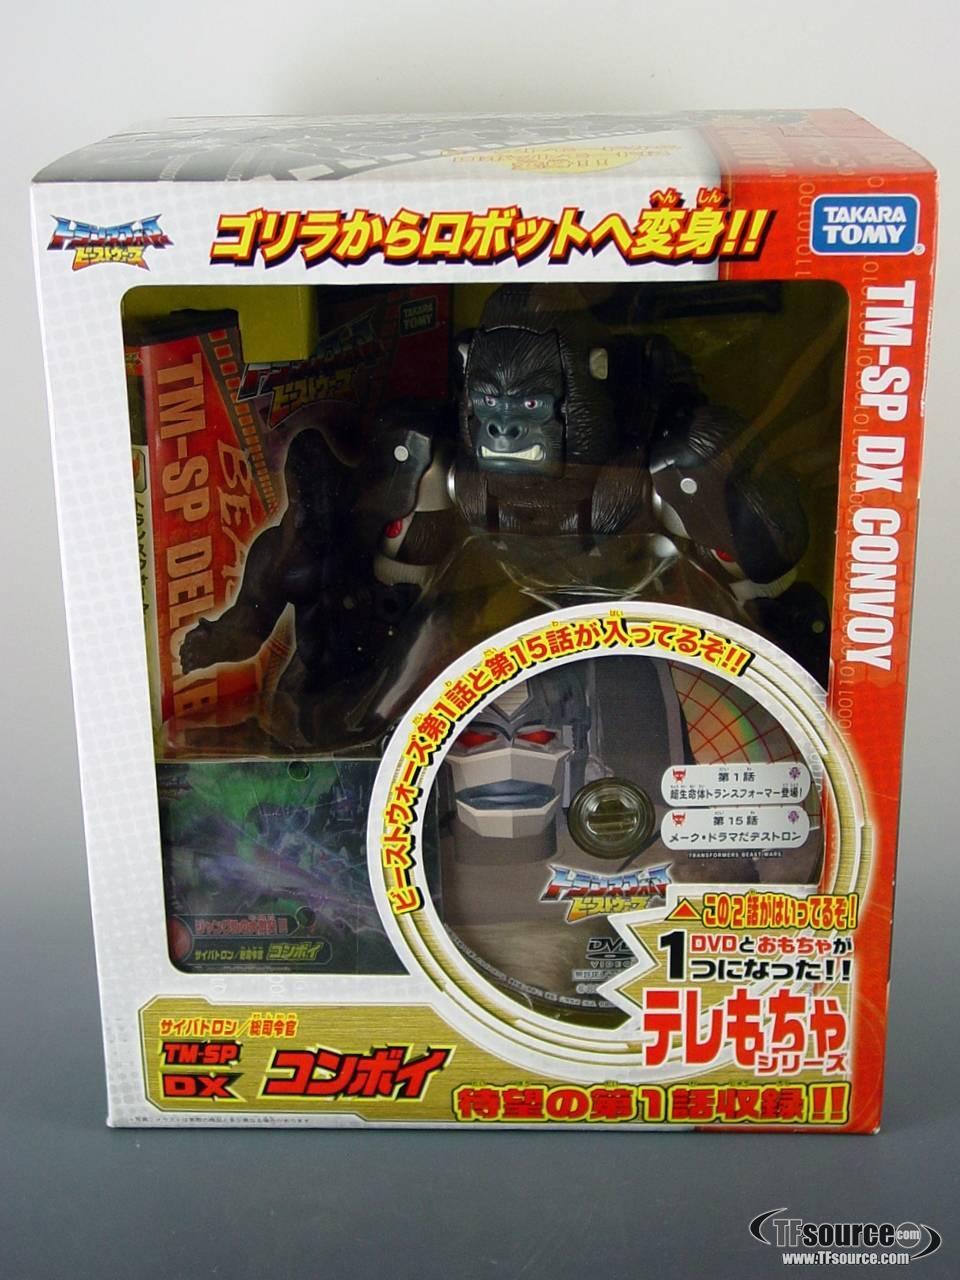 Japanese Beast Wars - TM-SP Beast Convoy